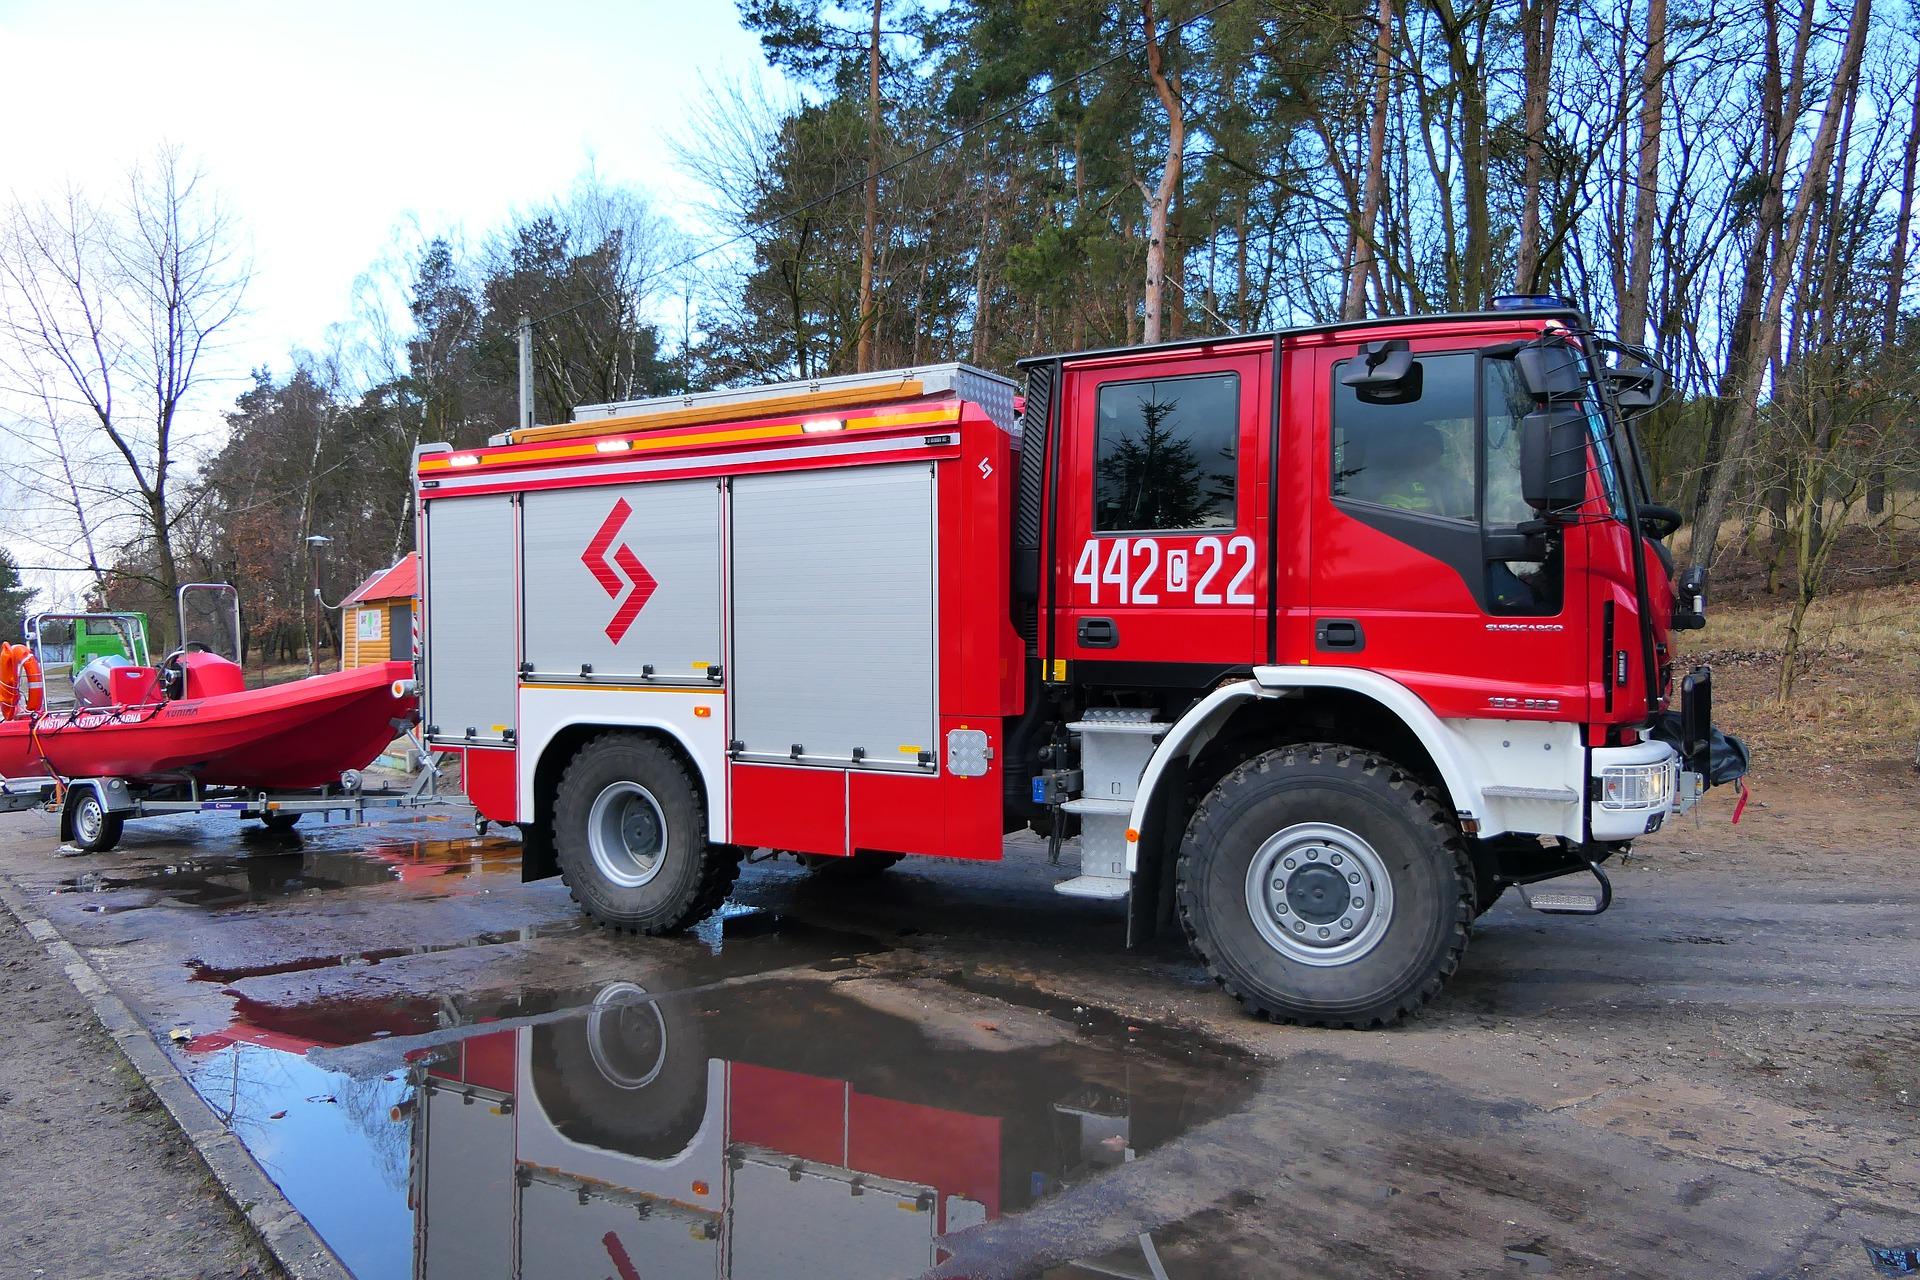 Strażacy coraz częściej wyjeżdżają w zastępstwie pogotowia ratunkowego